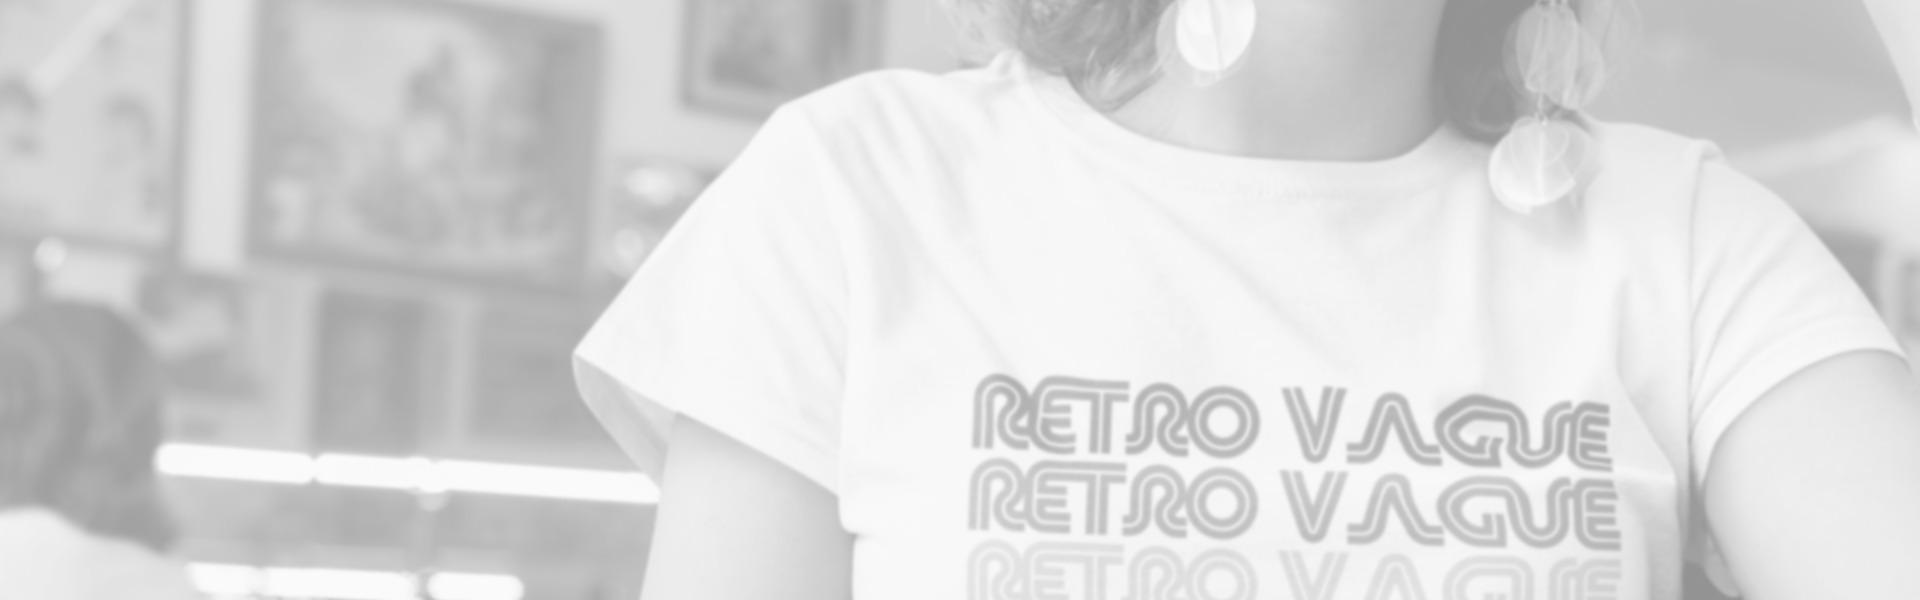 Retro 4 - Home -